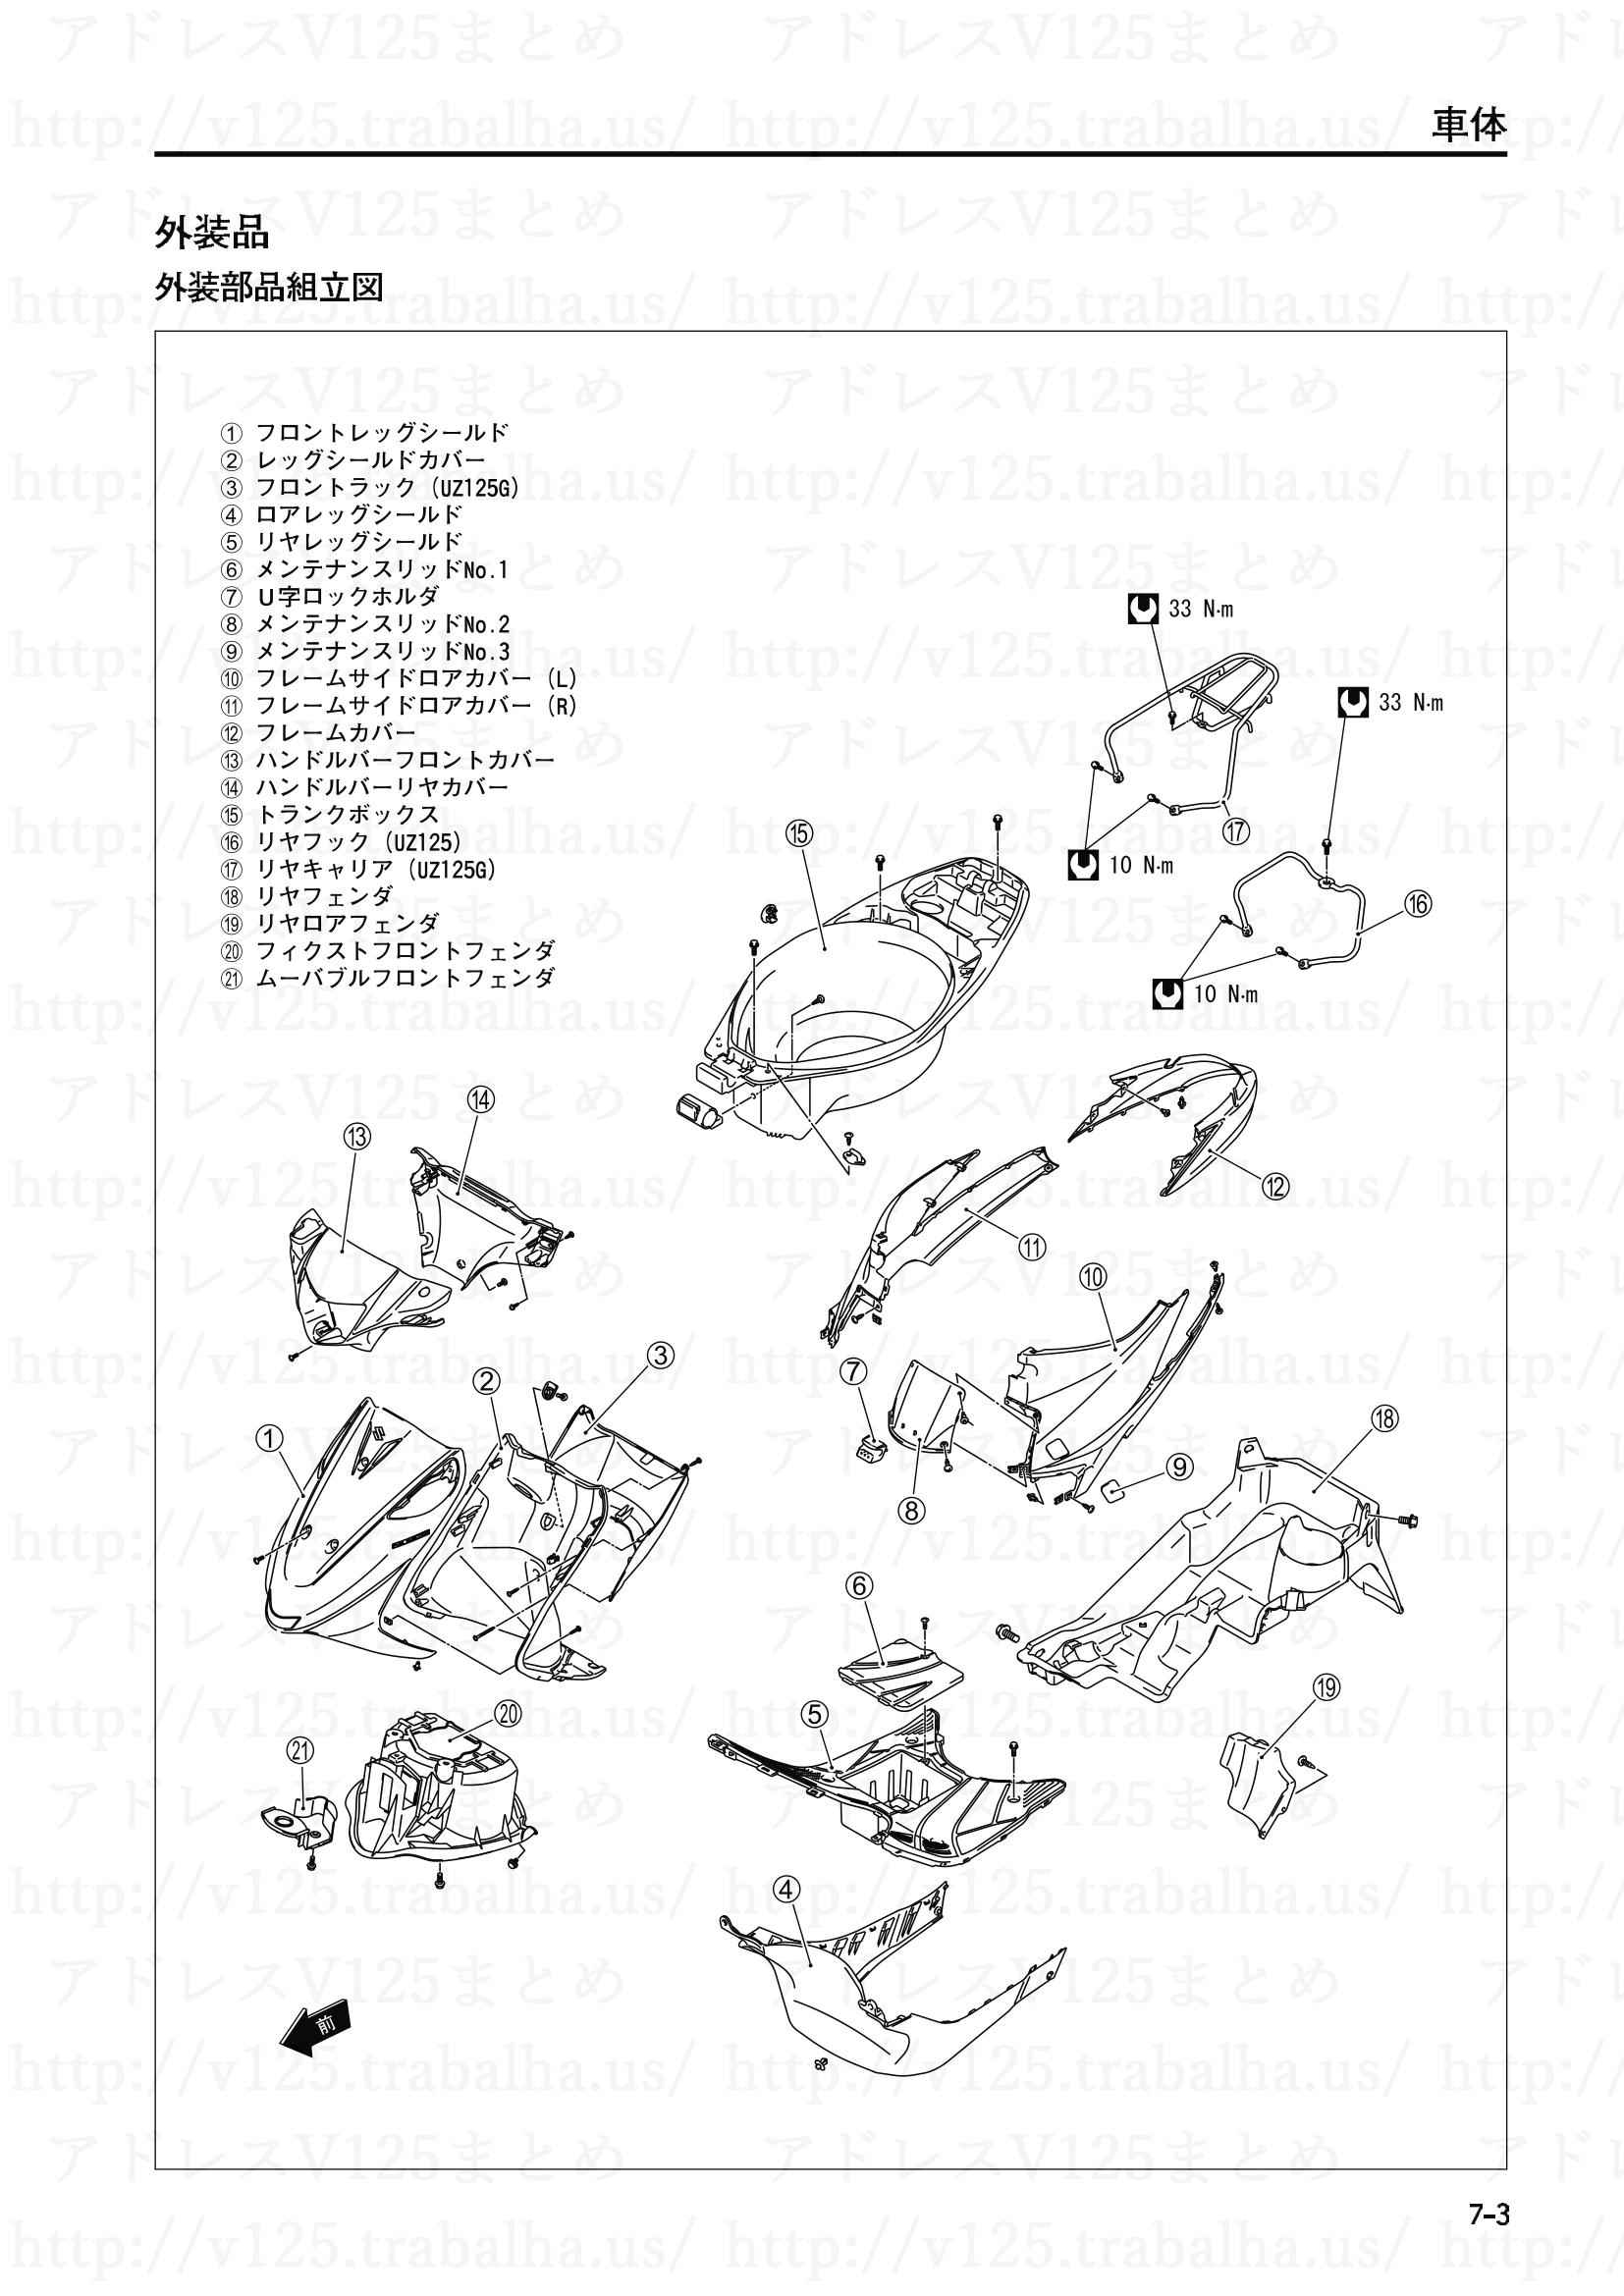 7-3【車体】外装部品の組立図